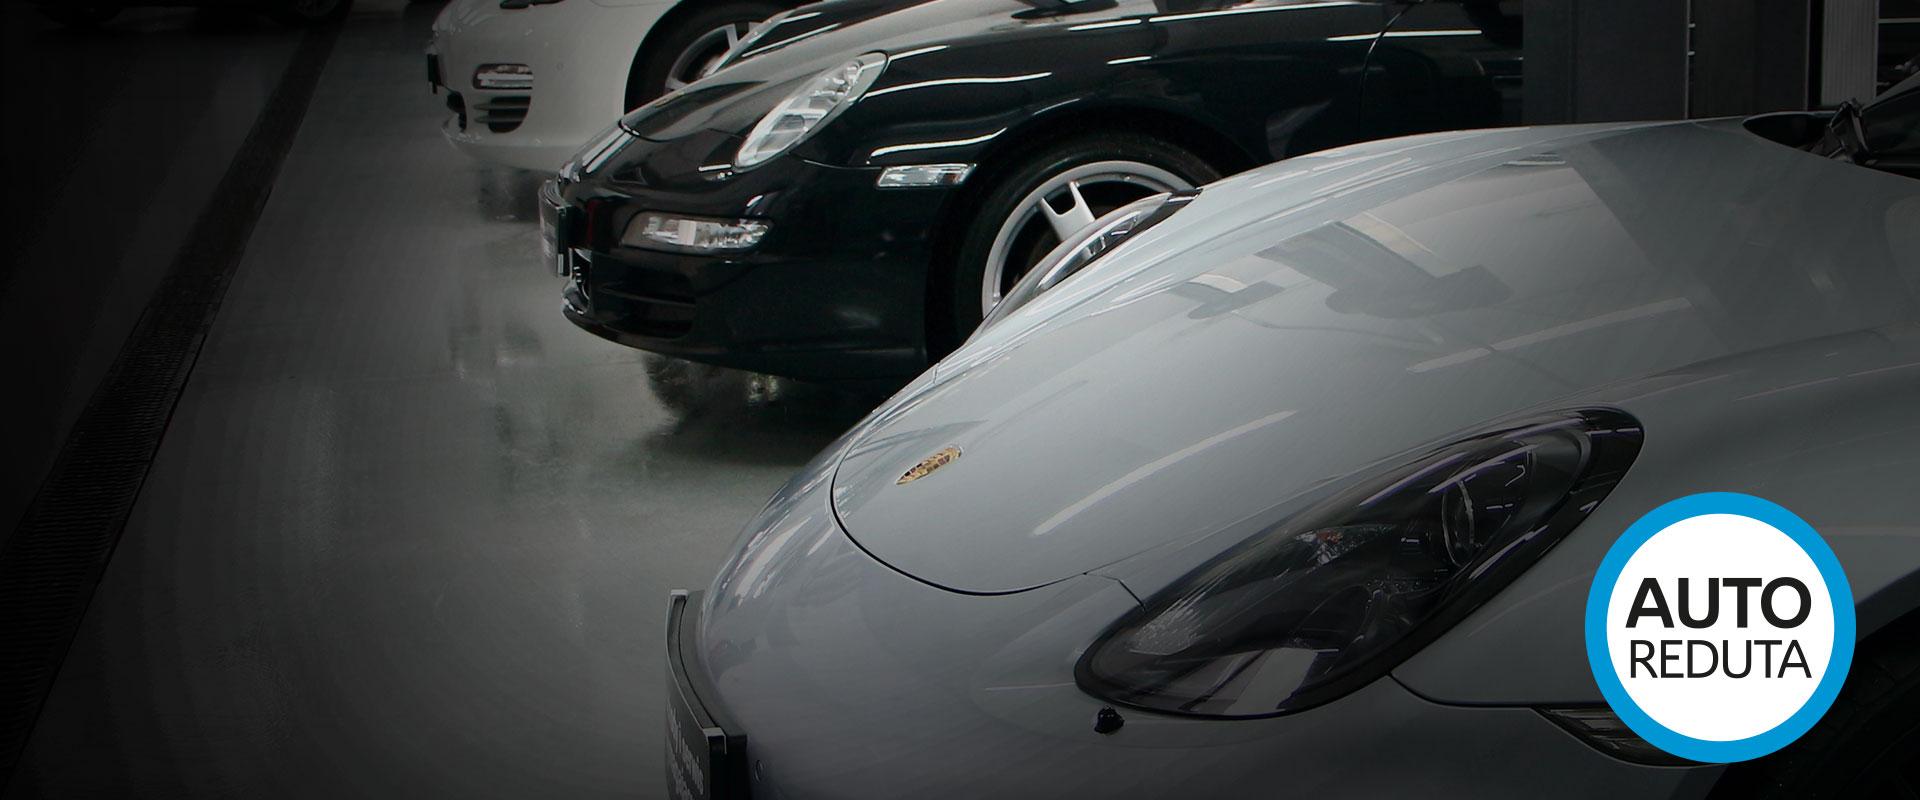 AUTOREDUTA - Serwis marek premium